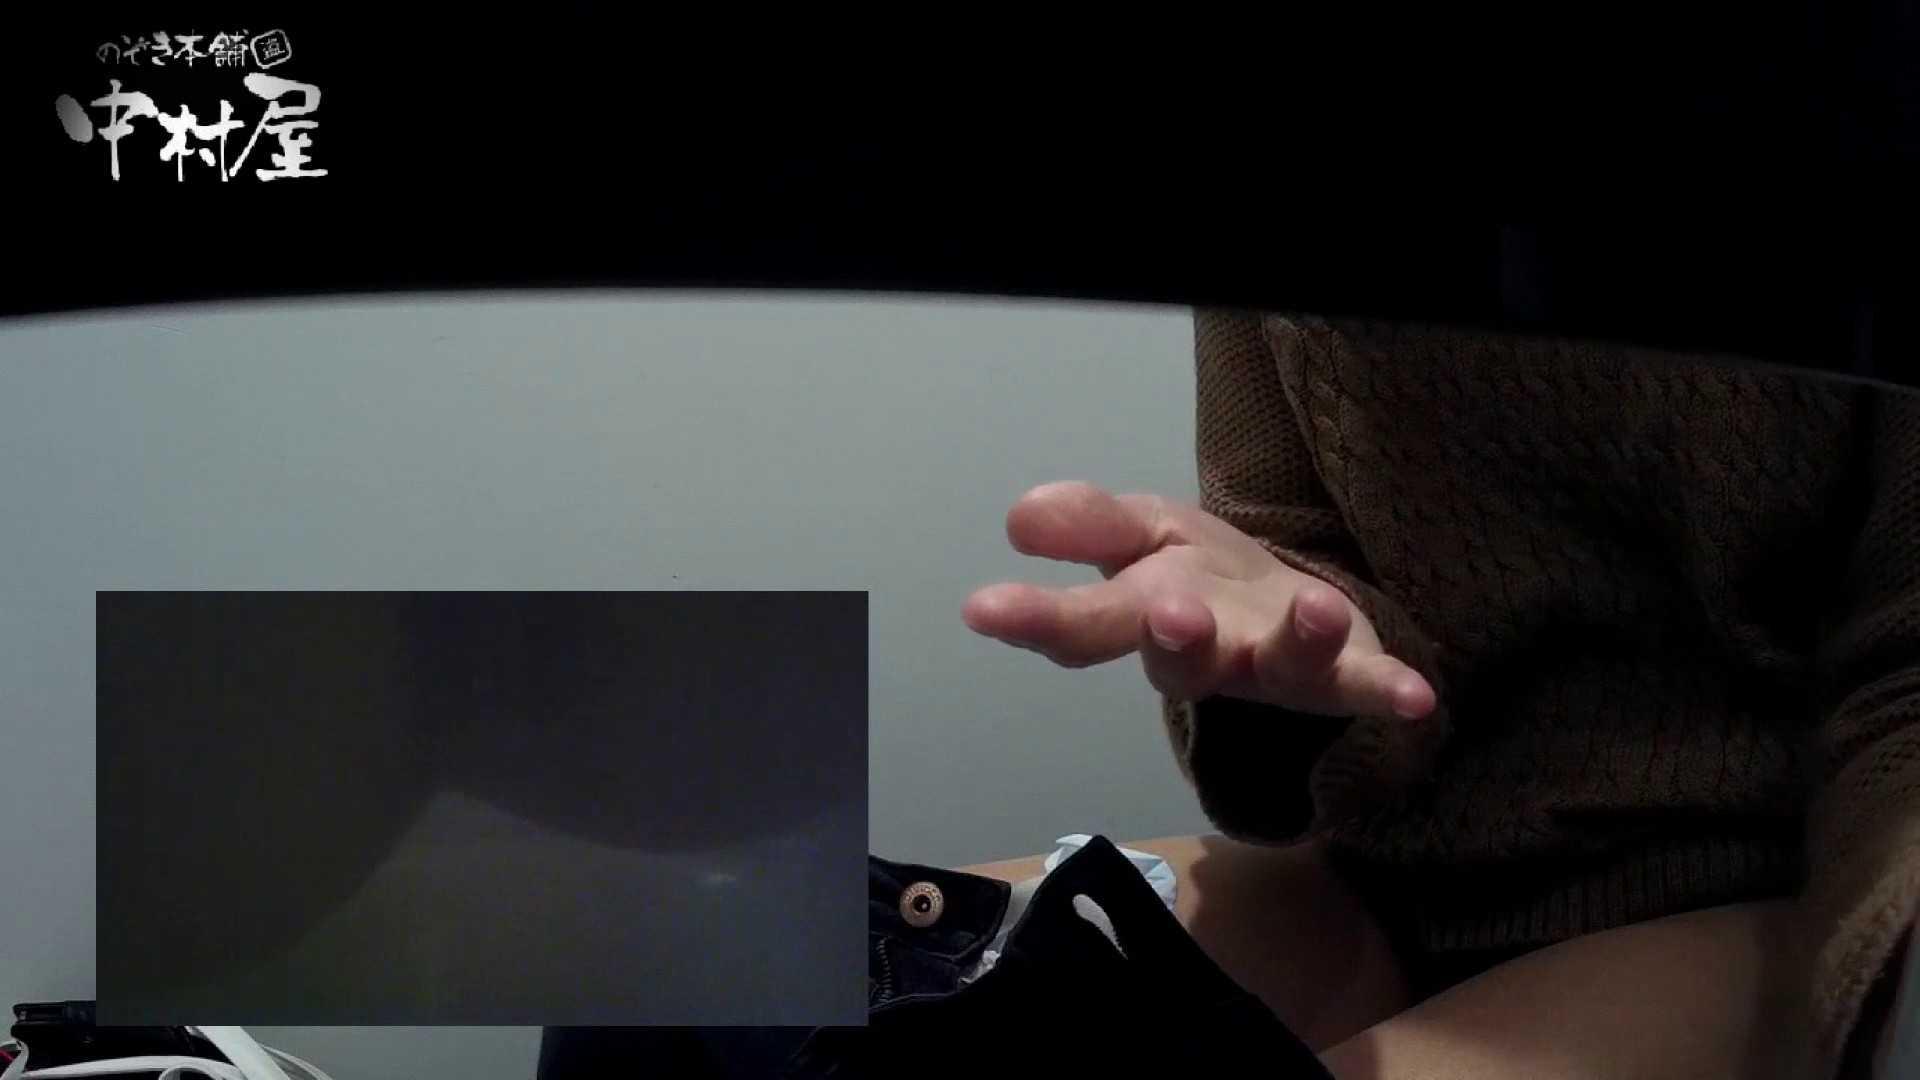 有名大学女性洗面所 vol.54 設置撮影最高峰!! 3視点でじっくり観察 OLのエロ生活 AV無料 99連発 37